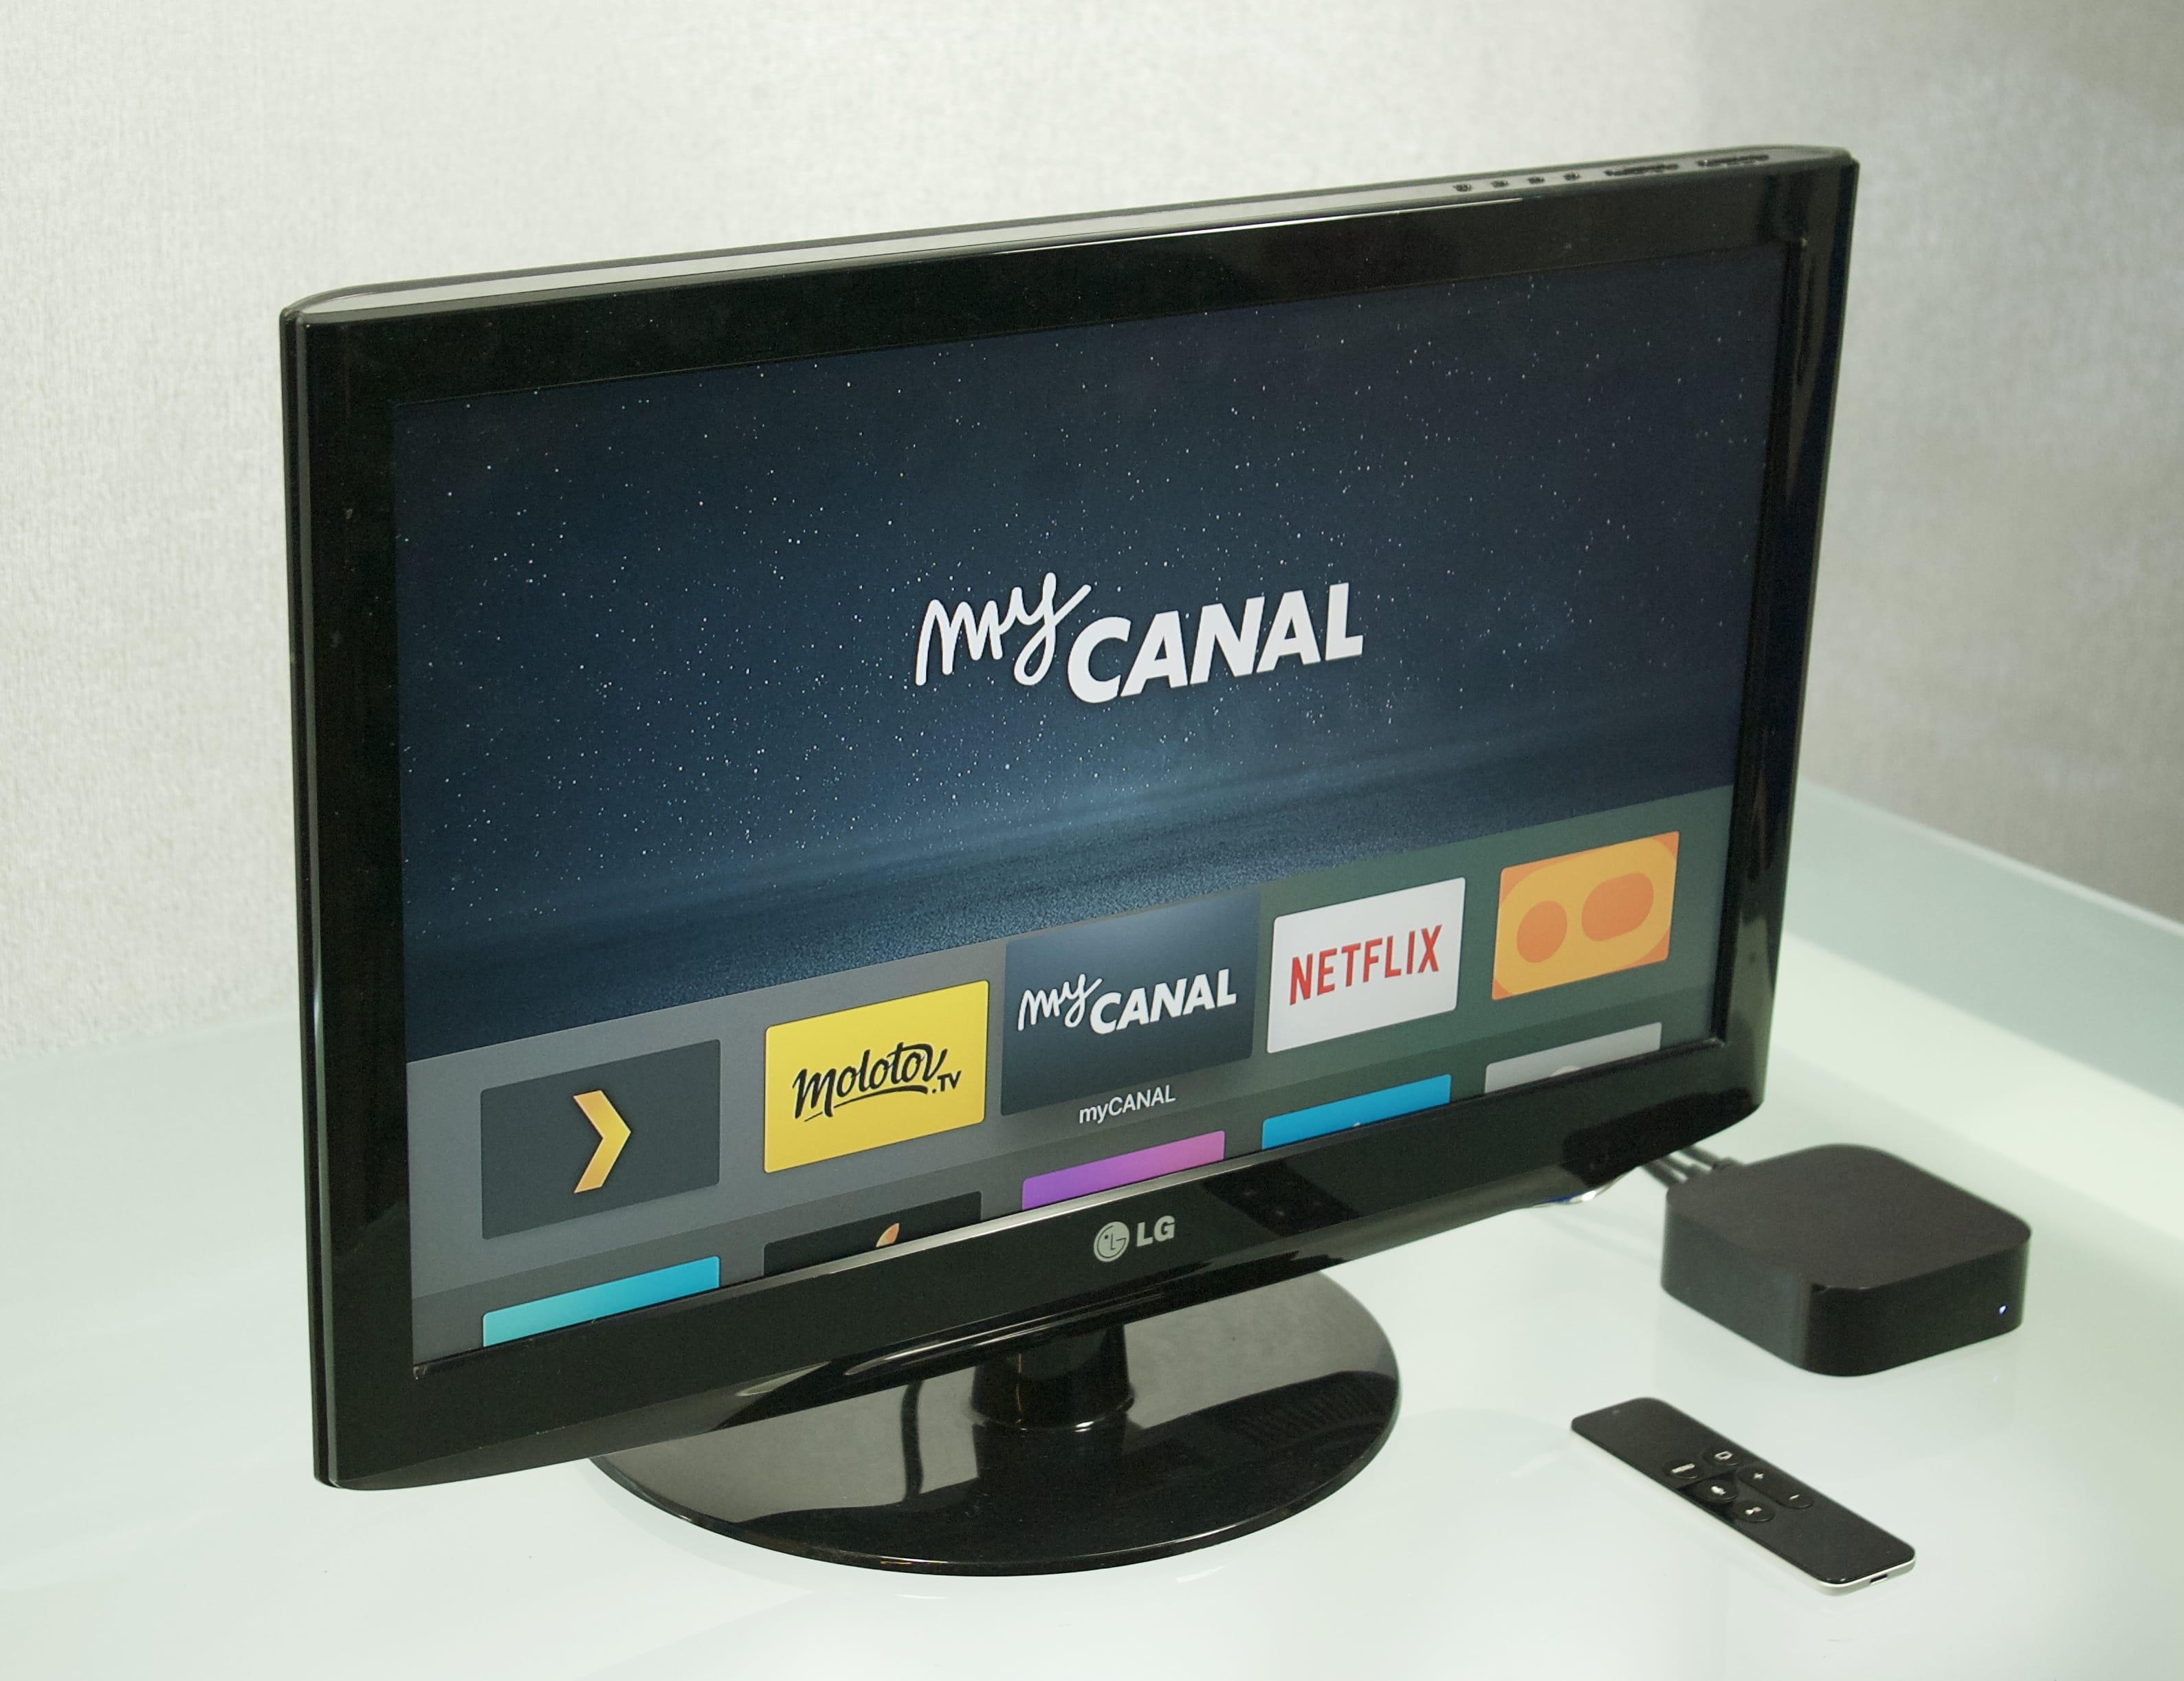 mycanal et molotov sur apple tv une lucarne sur le futur de la t l vision igeneration. Black Bedroom Furniture Sets. Home Design Ideas